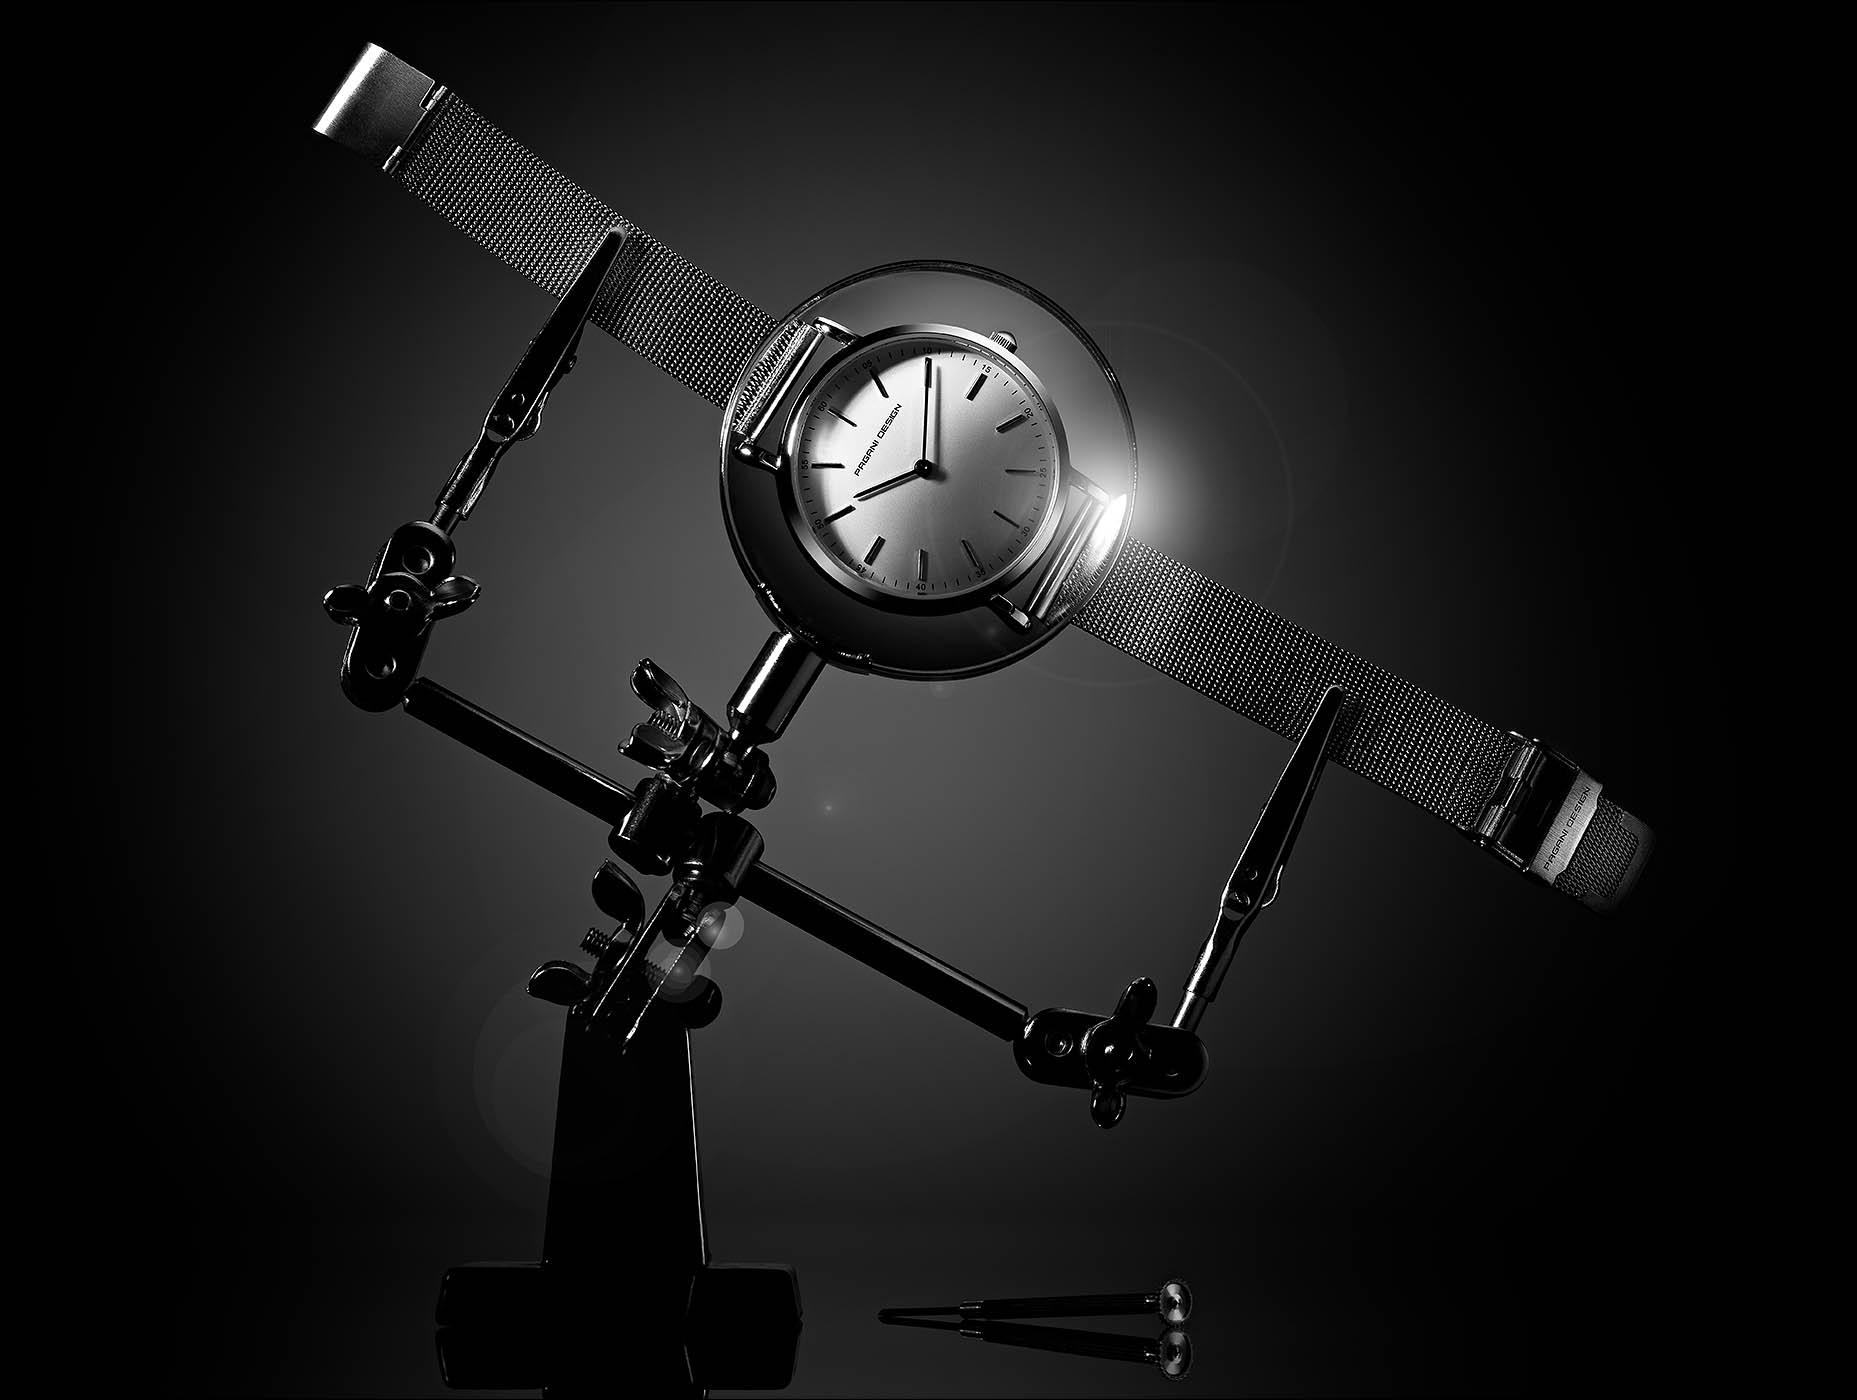 Fotografo still life orologi bn | Andrea Sudati